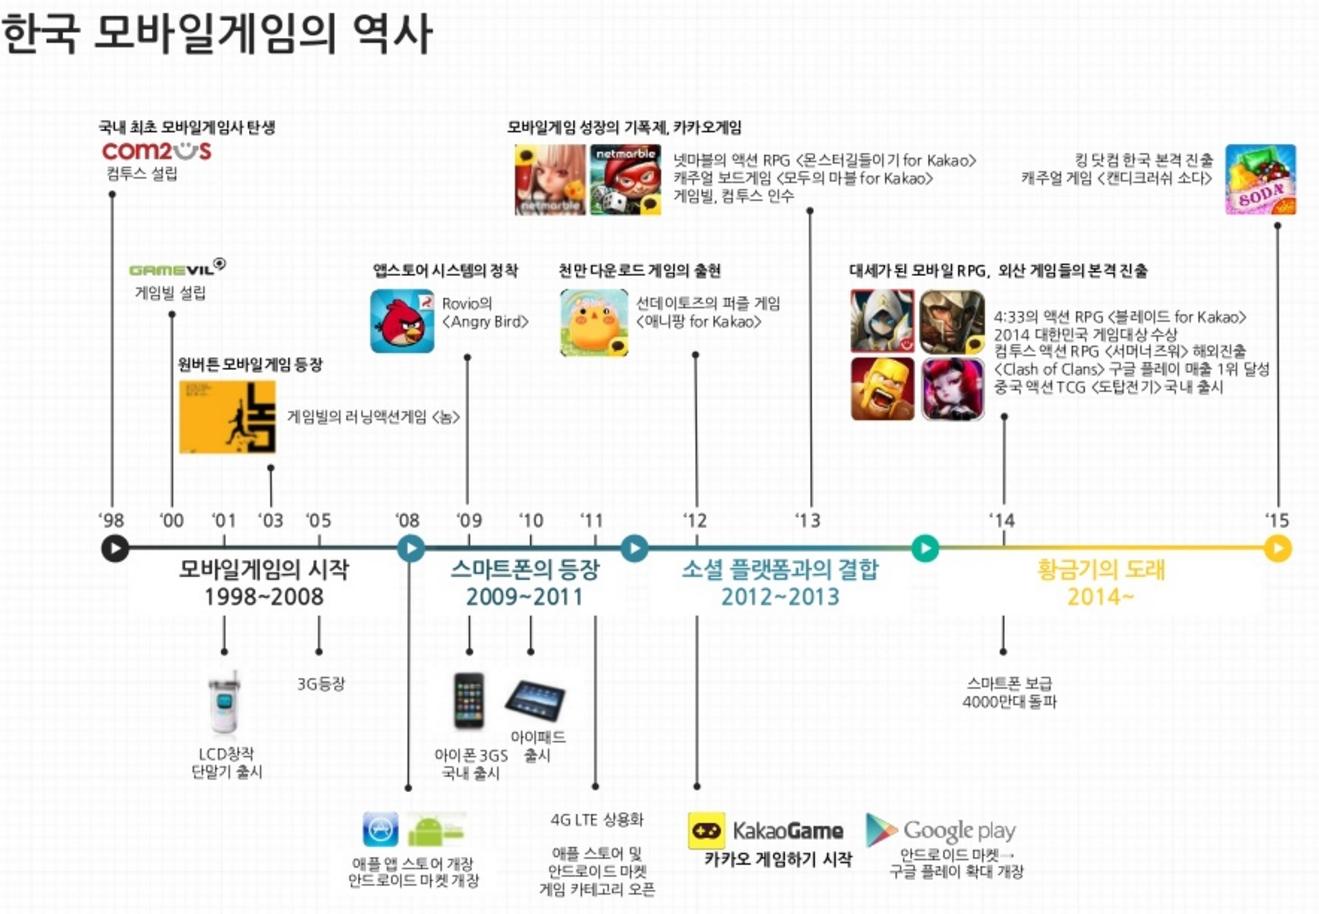 한국 모바일게임의 역사 / 출처 : 나스미디어, 2015